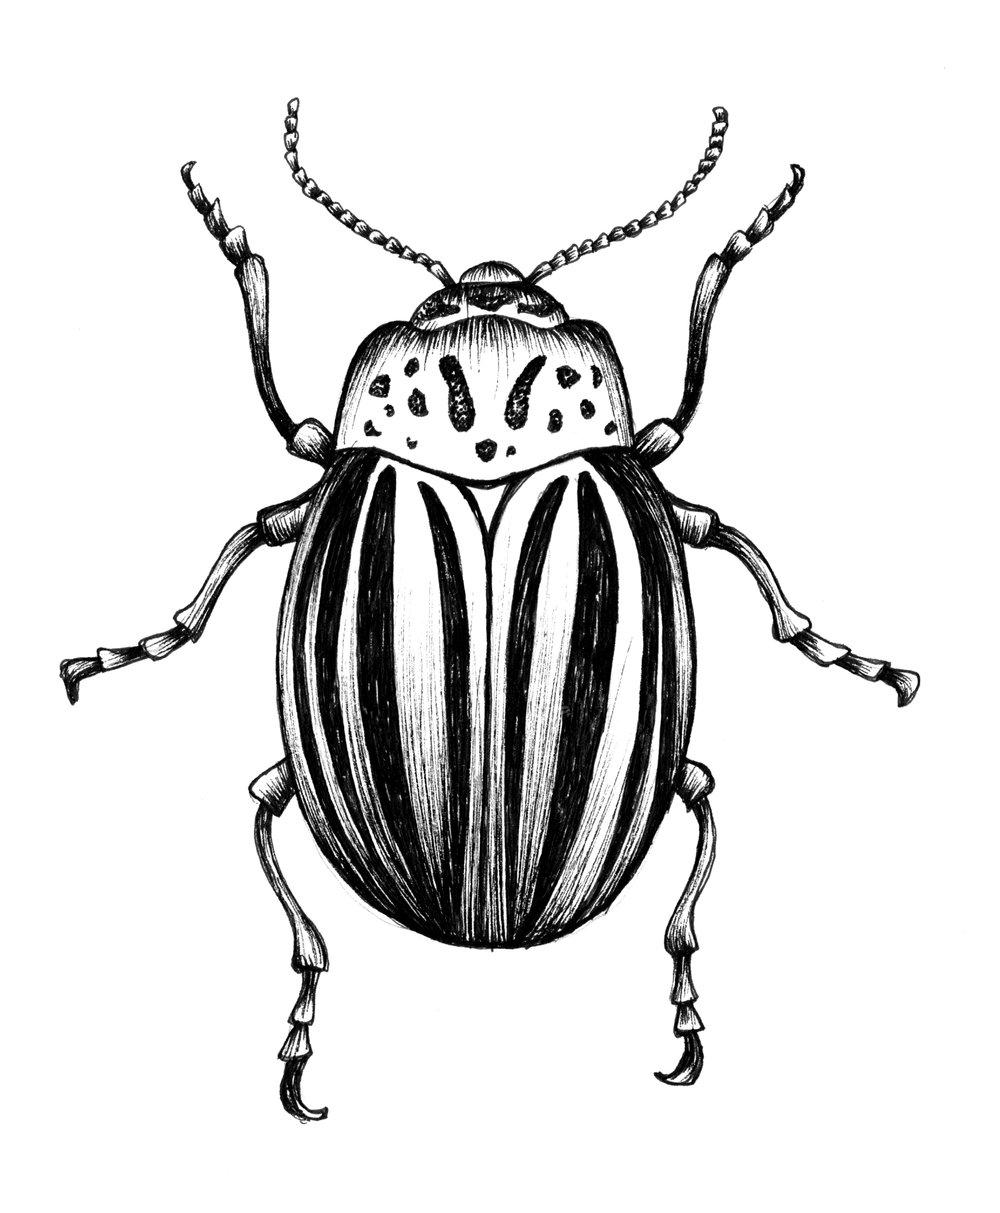 illustration19_potatobug.jpg